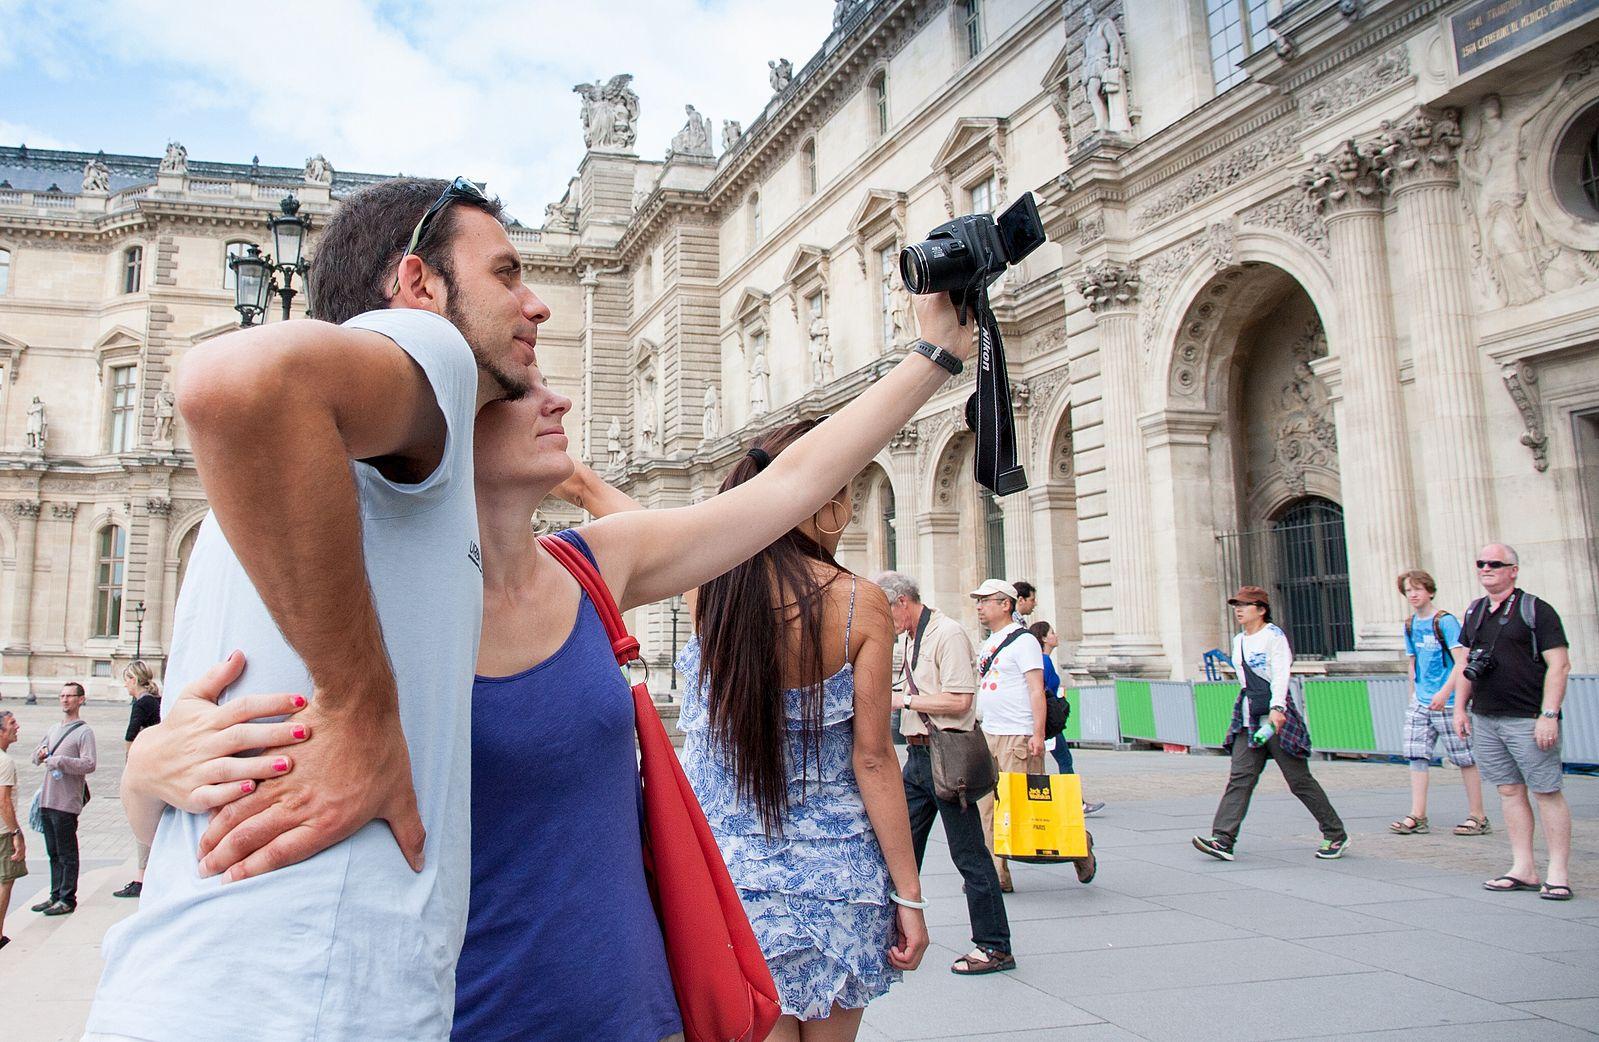 Selfie,_Cour_Napoléon,_Musée_du_Louvre_2014.jpg